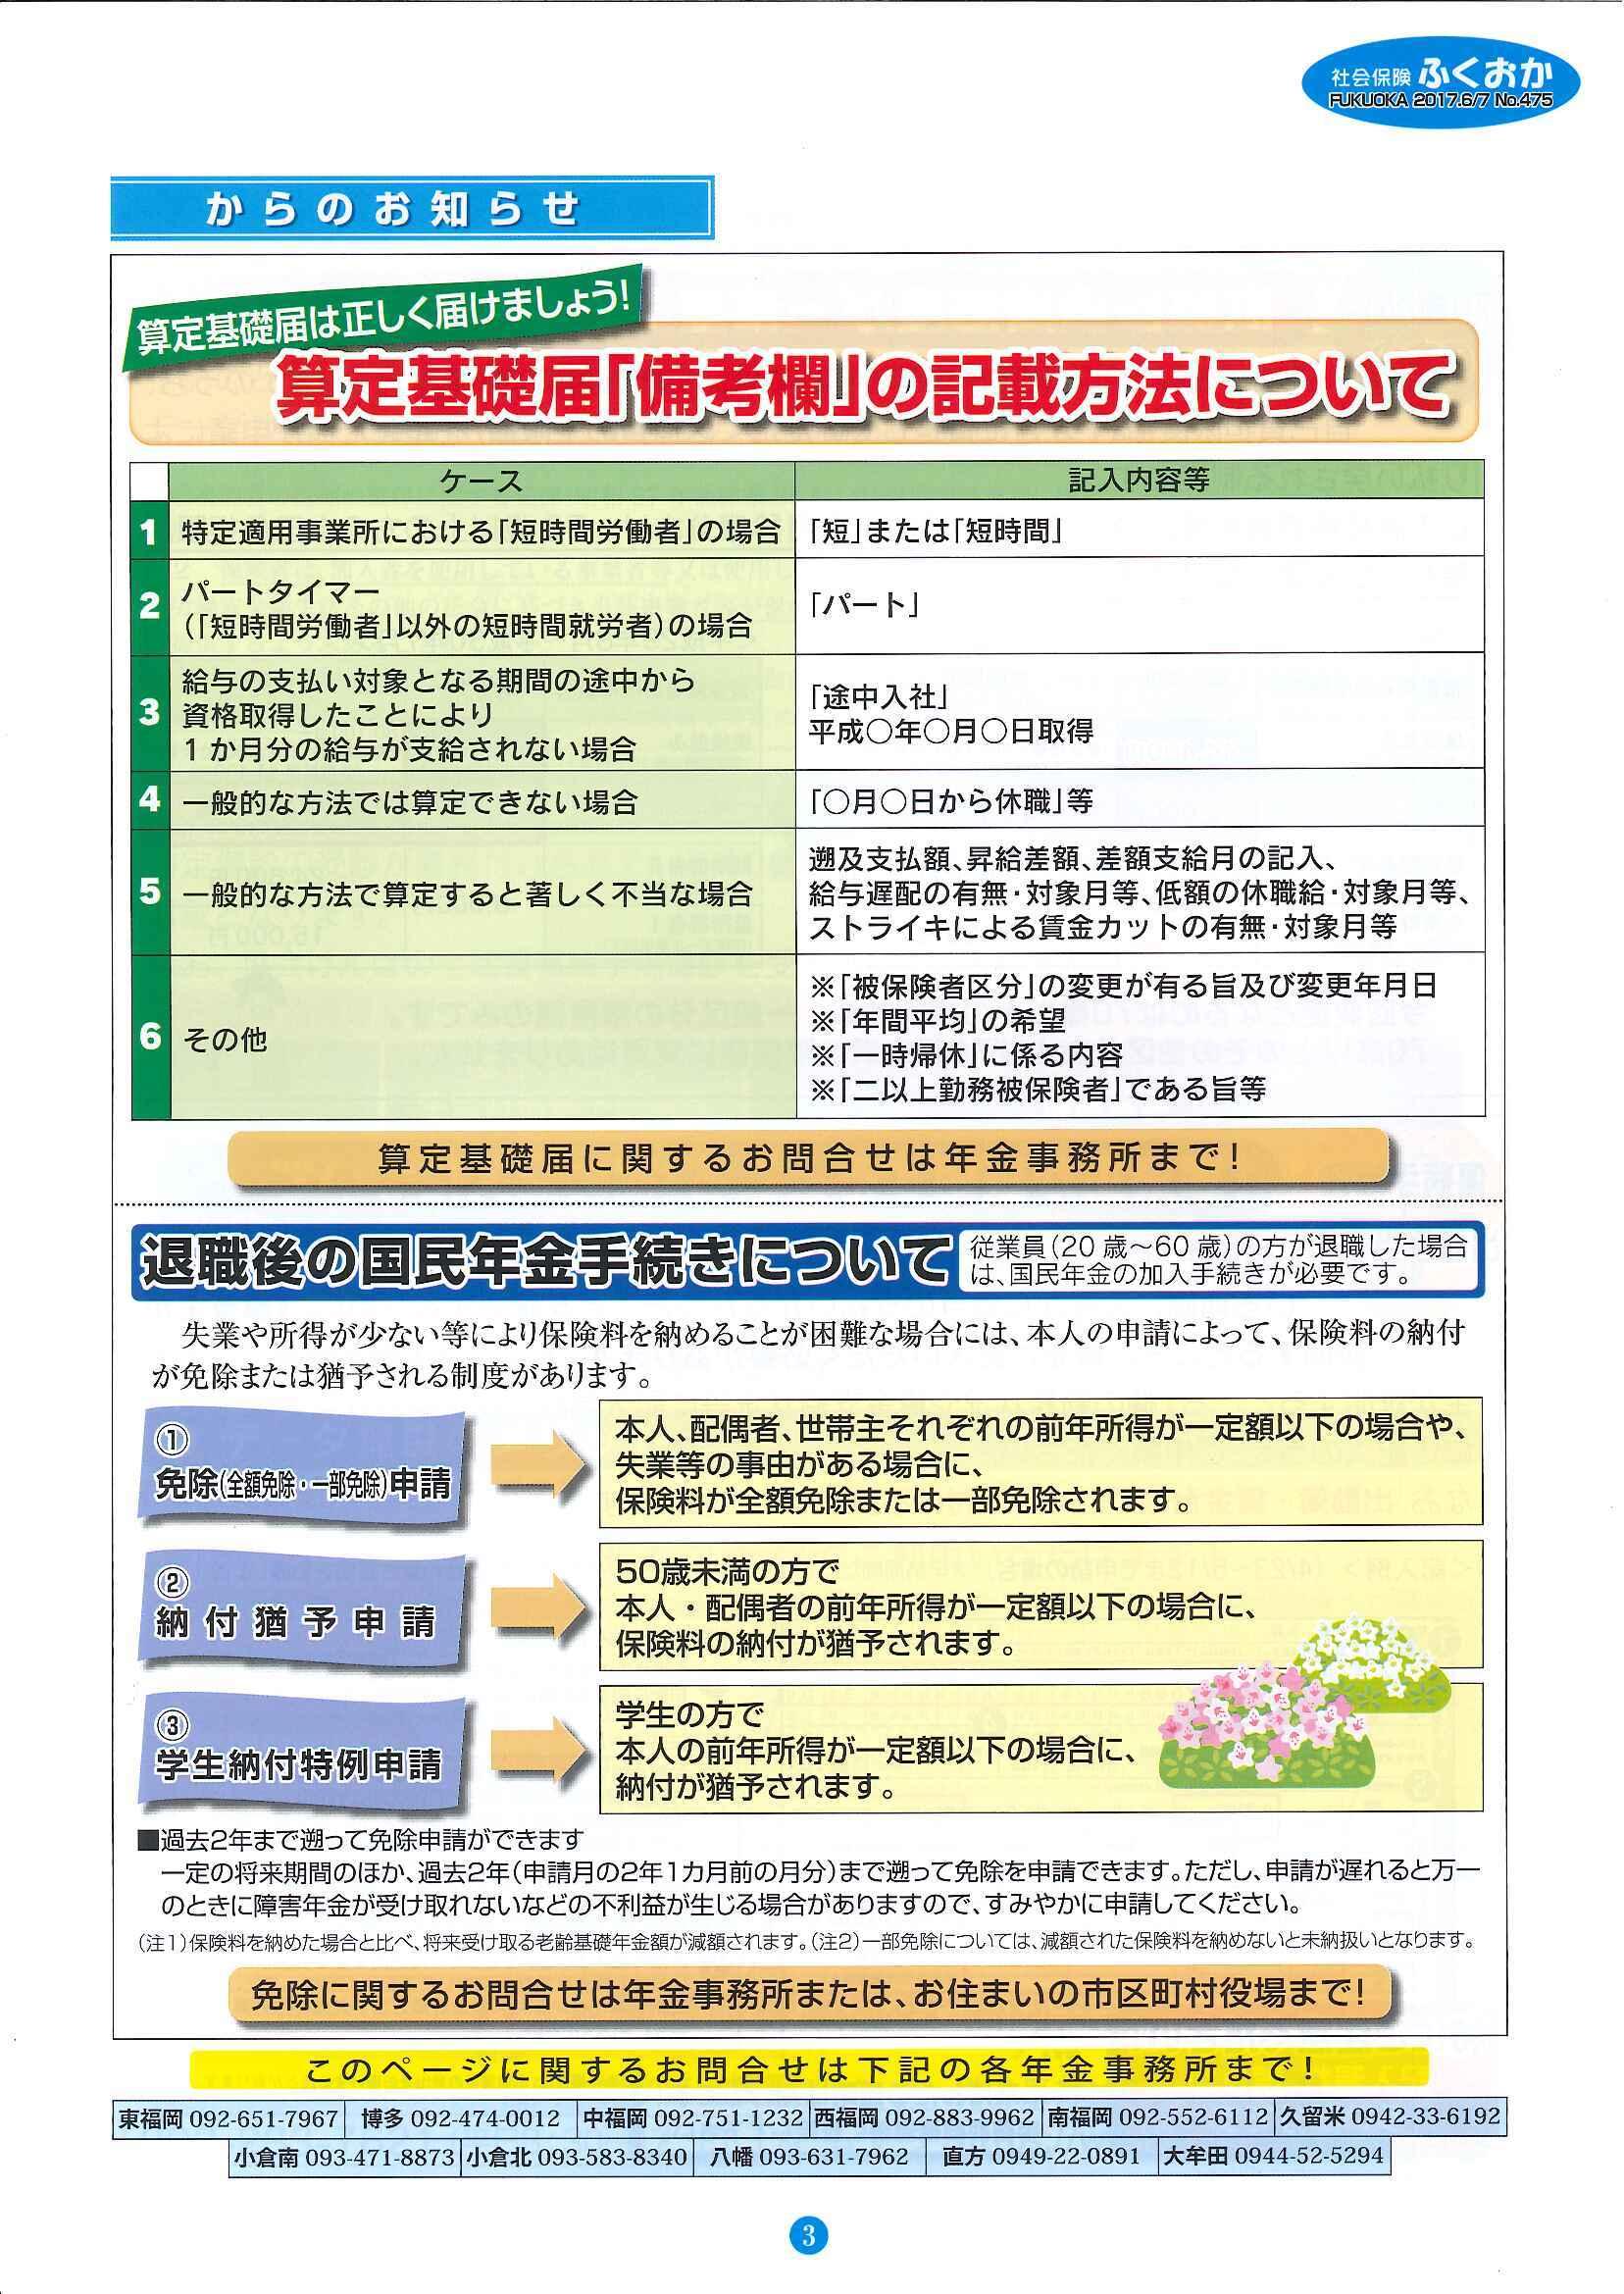 社会保険 ふくおか 2017年 6・7月号_f0120774_15005279.jpg